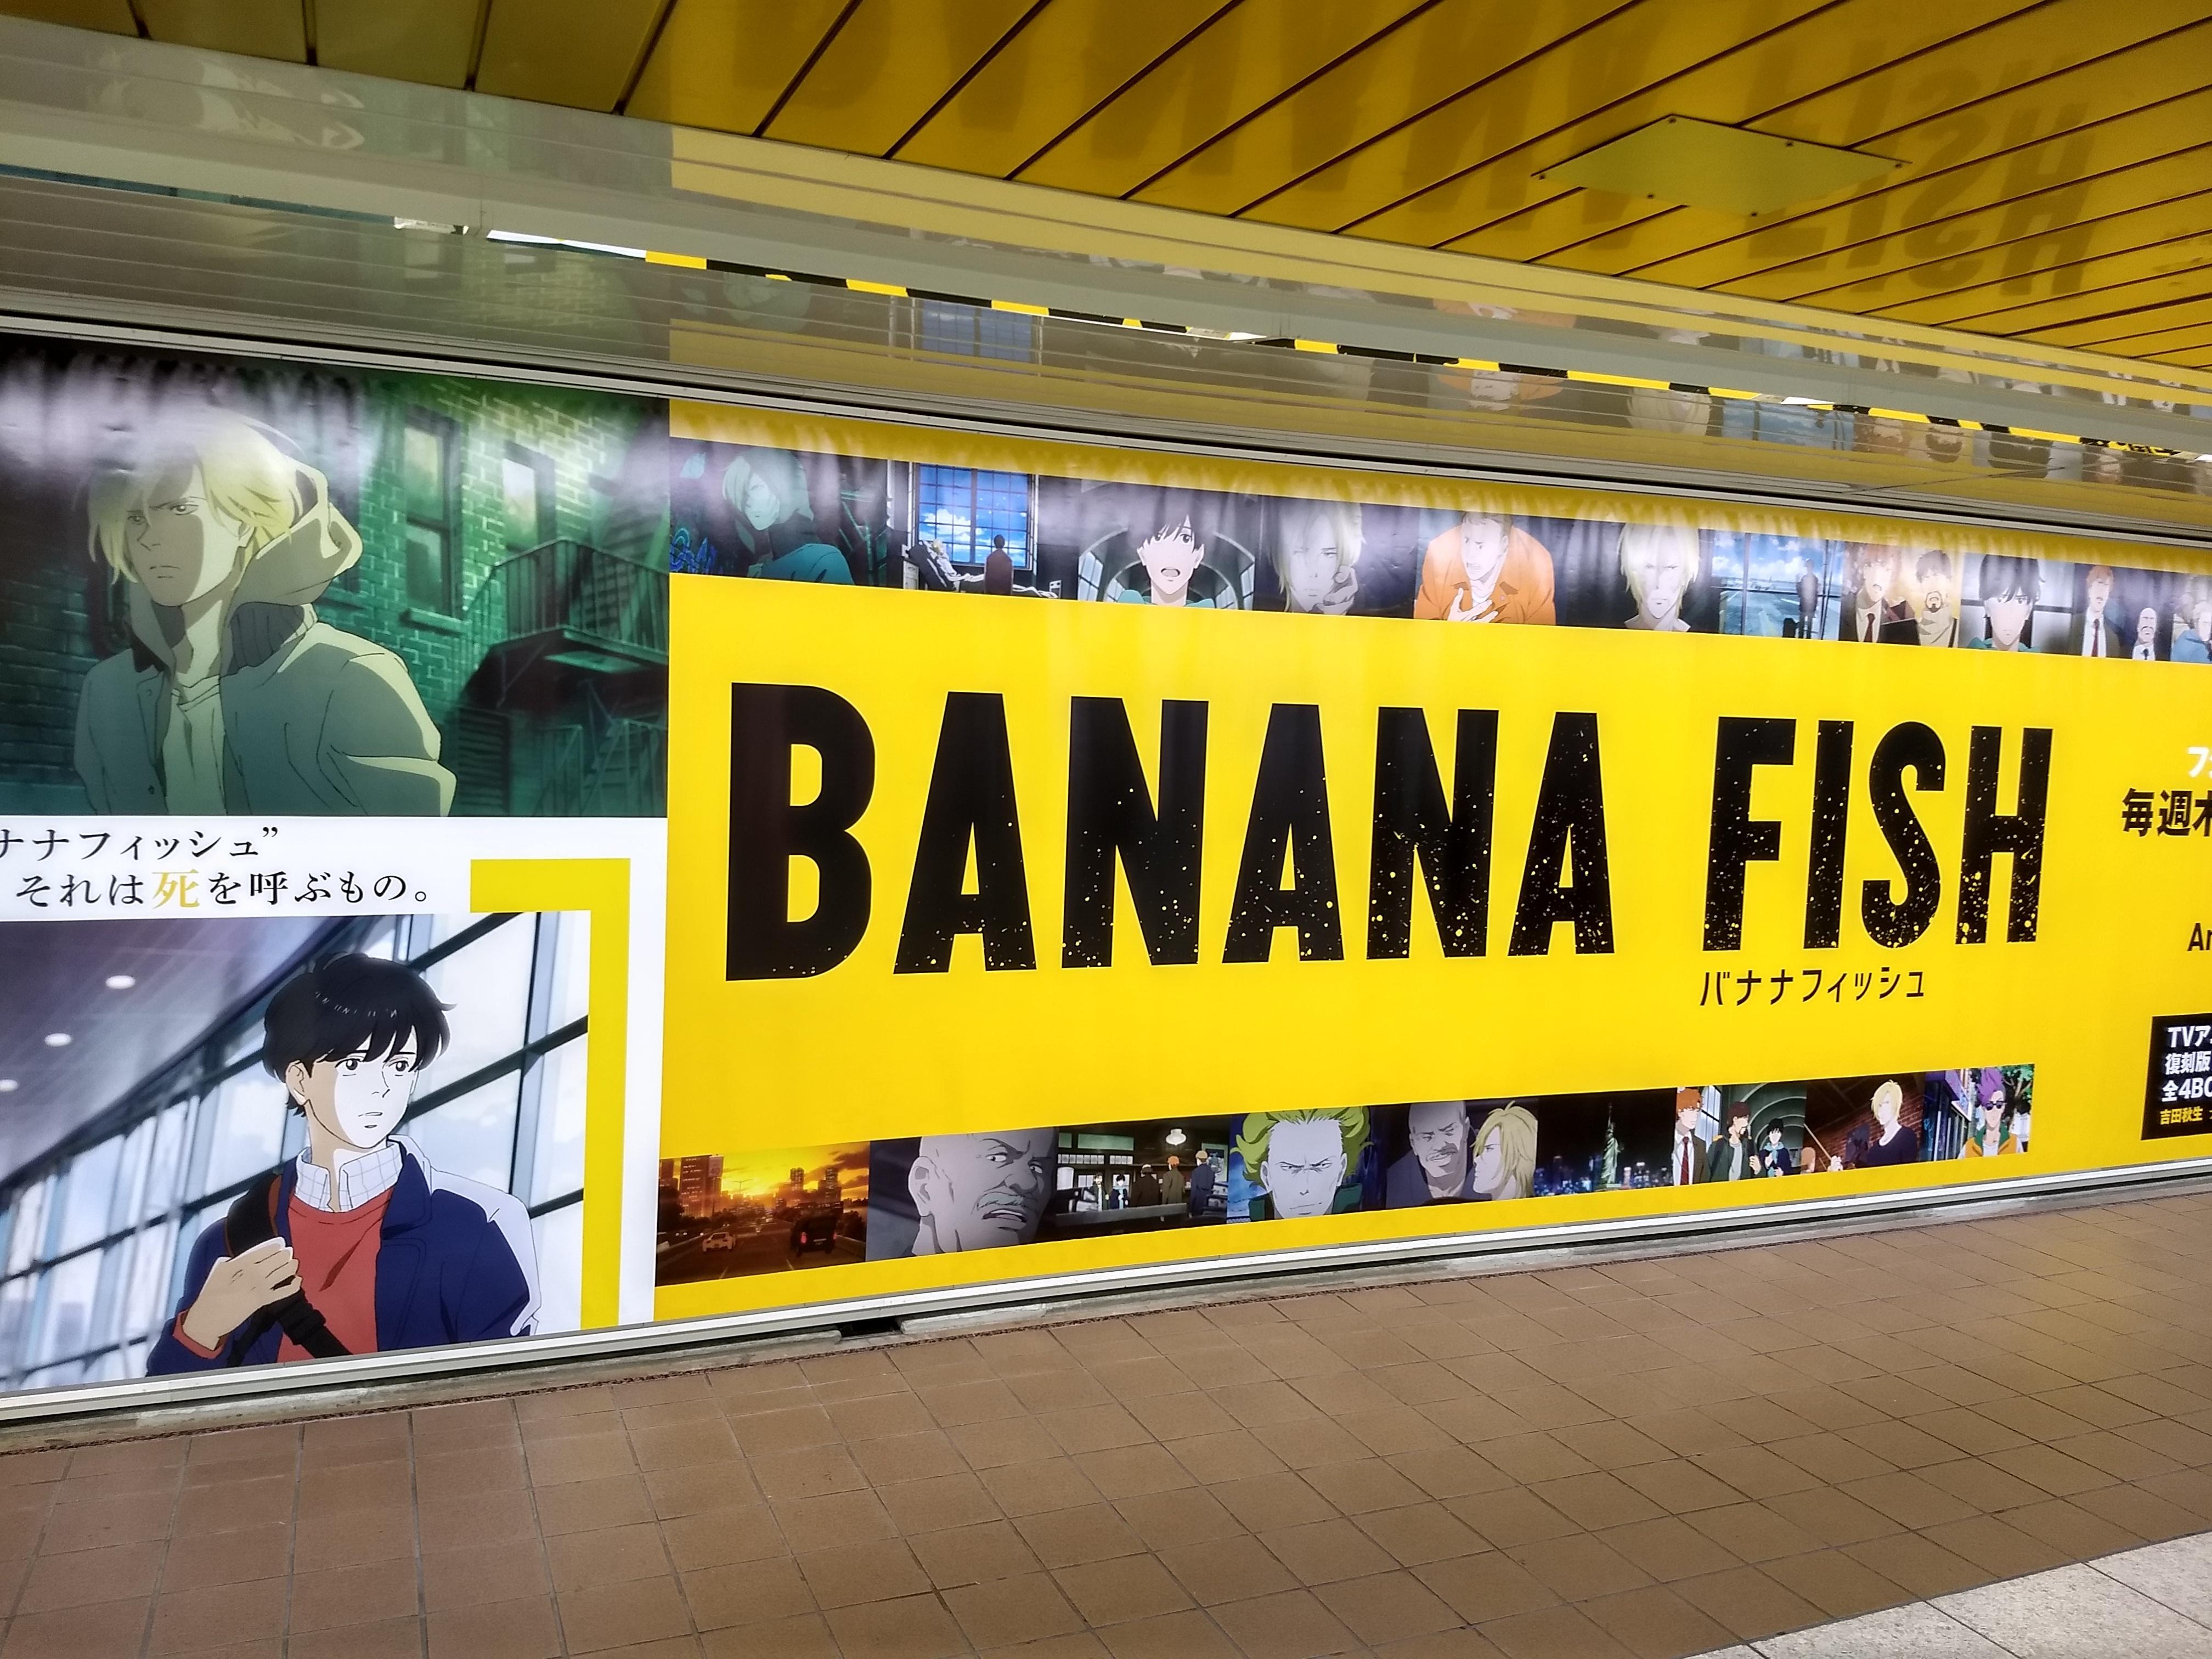 banana fish poster i